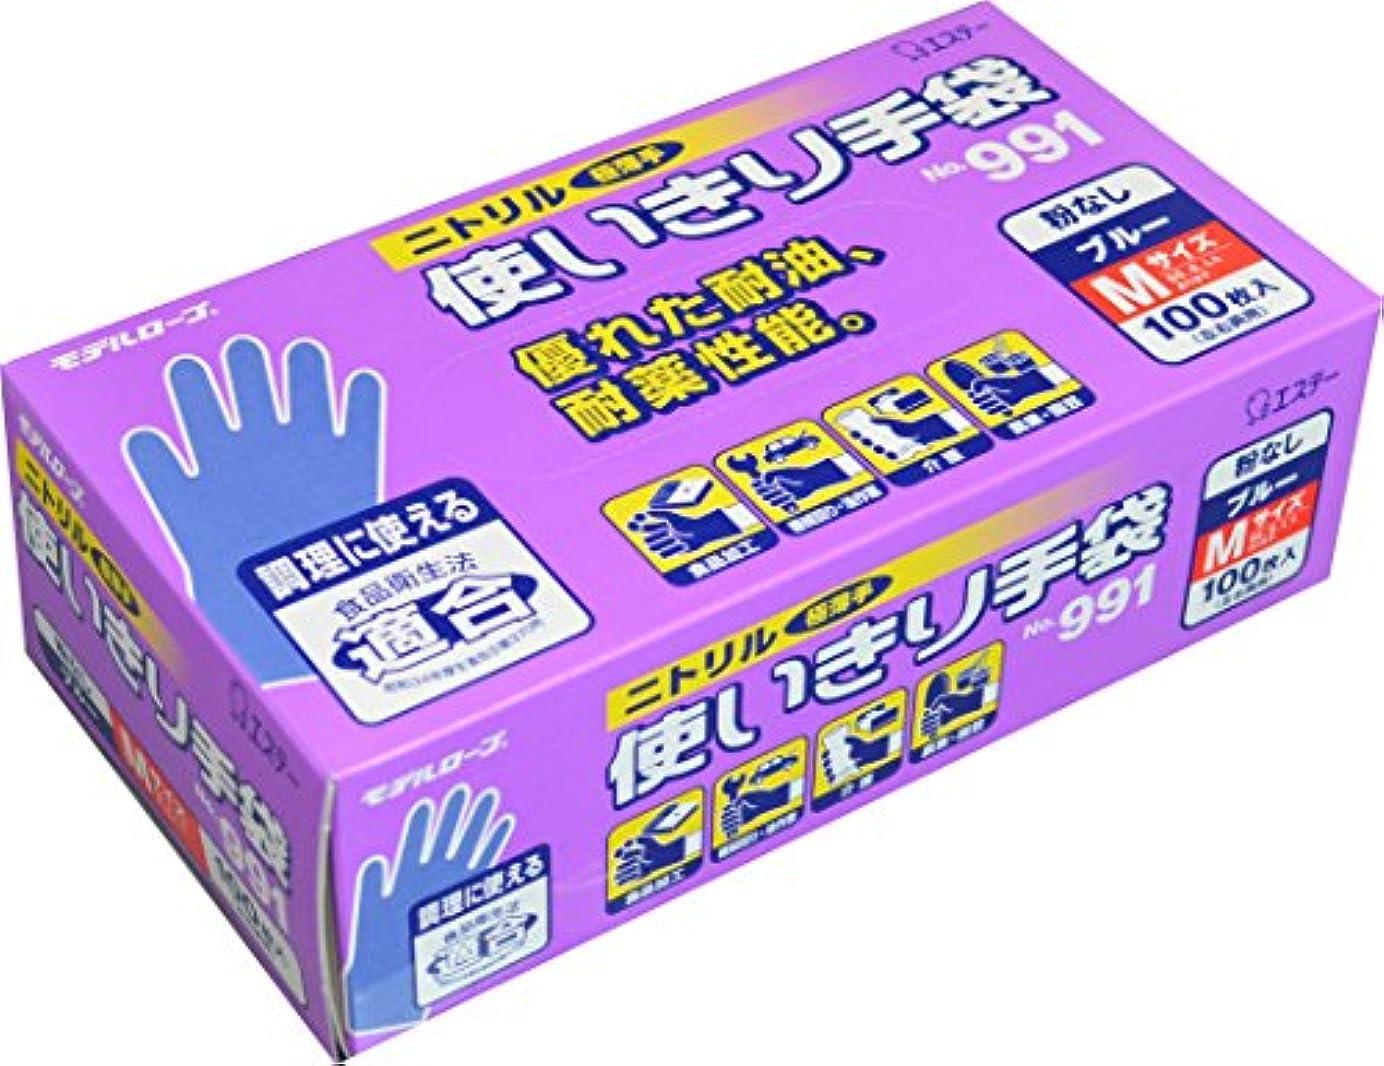 と組む未払いジョリーモデルローブ NO991 ニトリル使い切り手袋 100枚 ブルー M